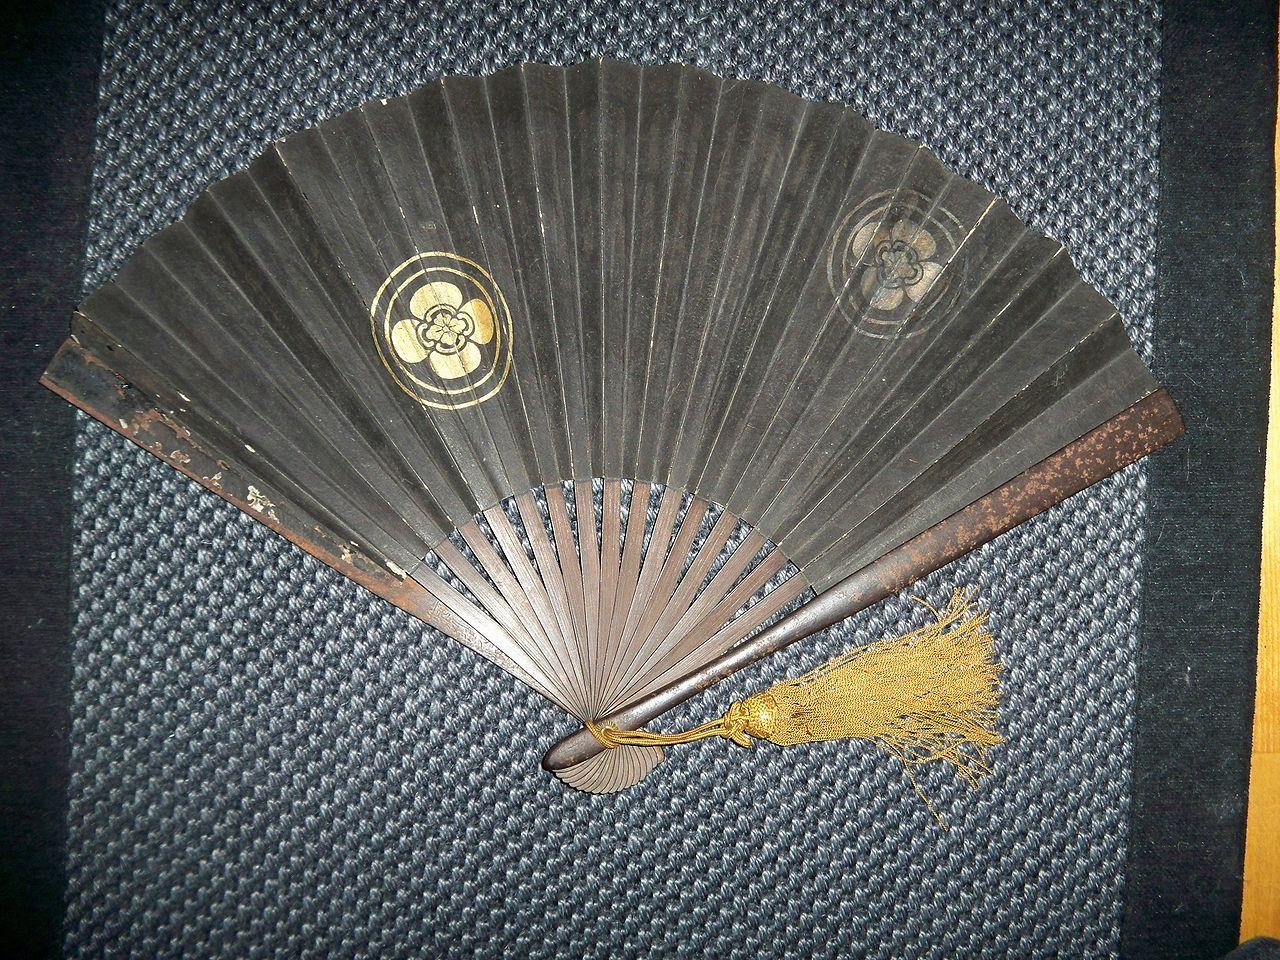 File:Gunsen fan.JPG - Wikipedia